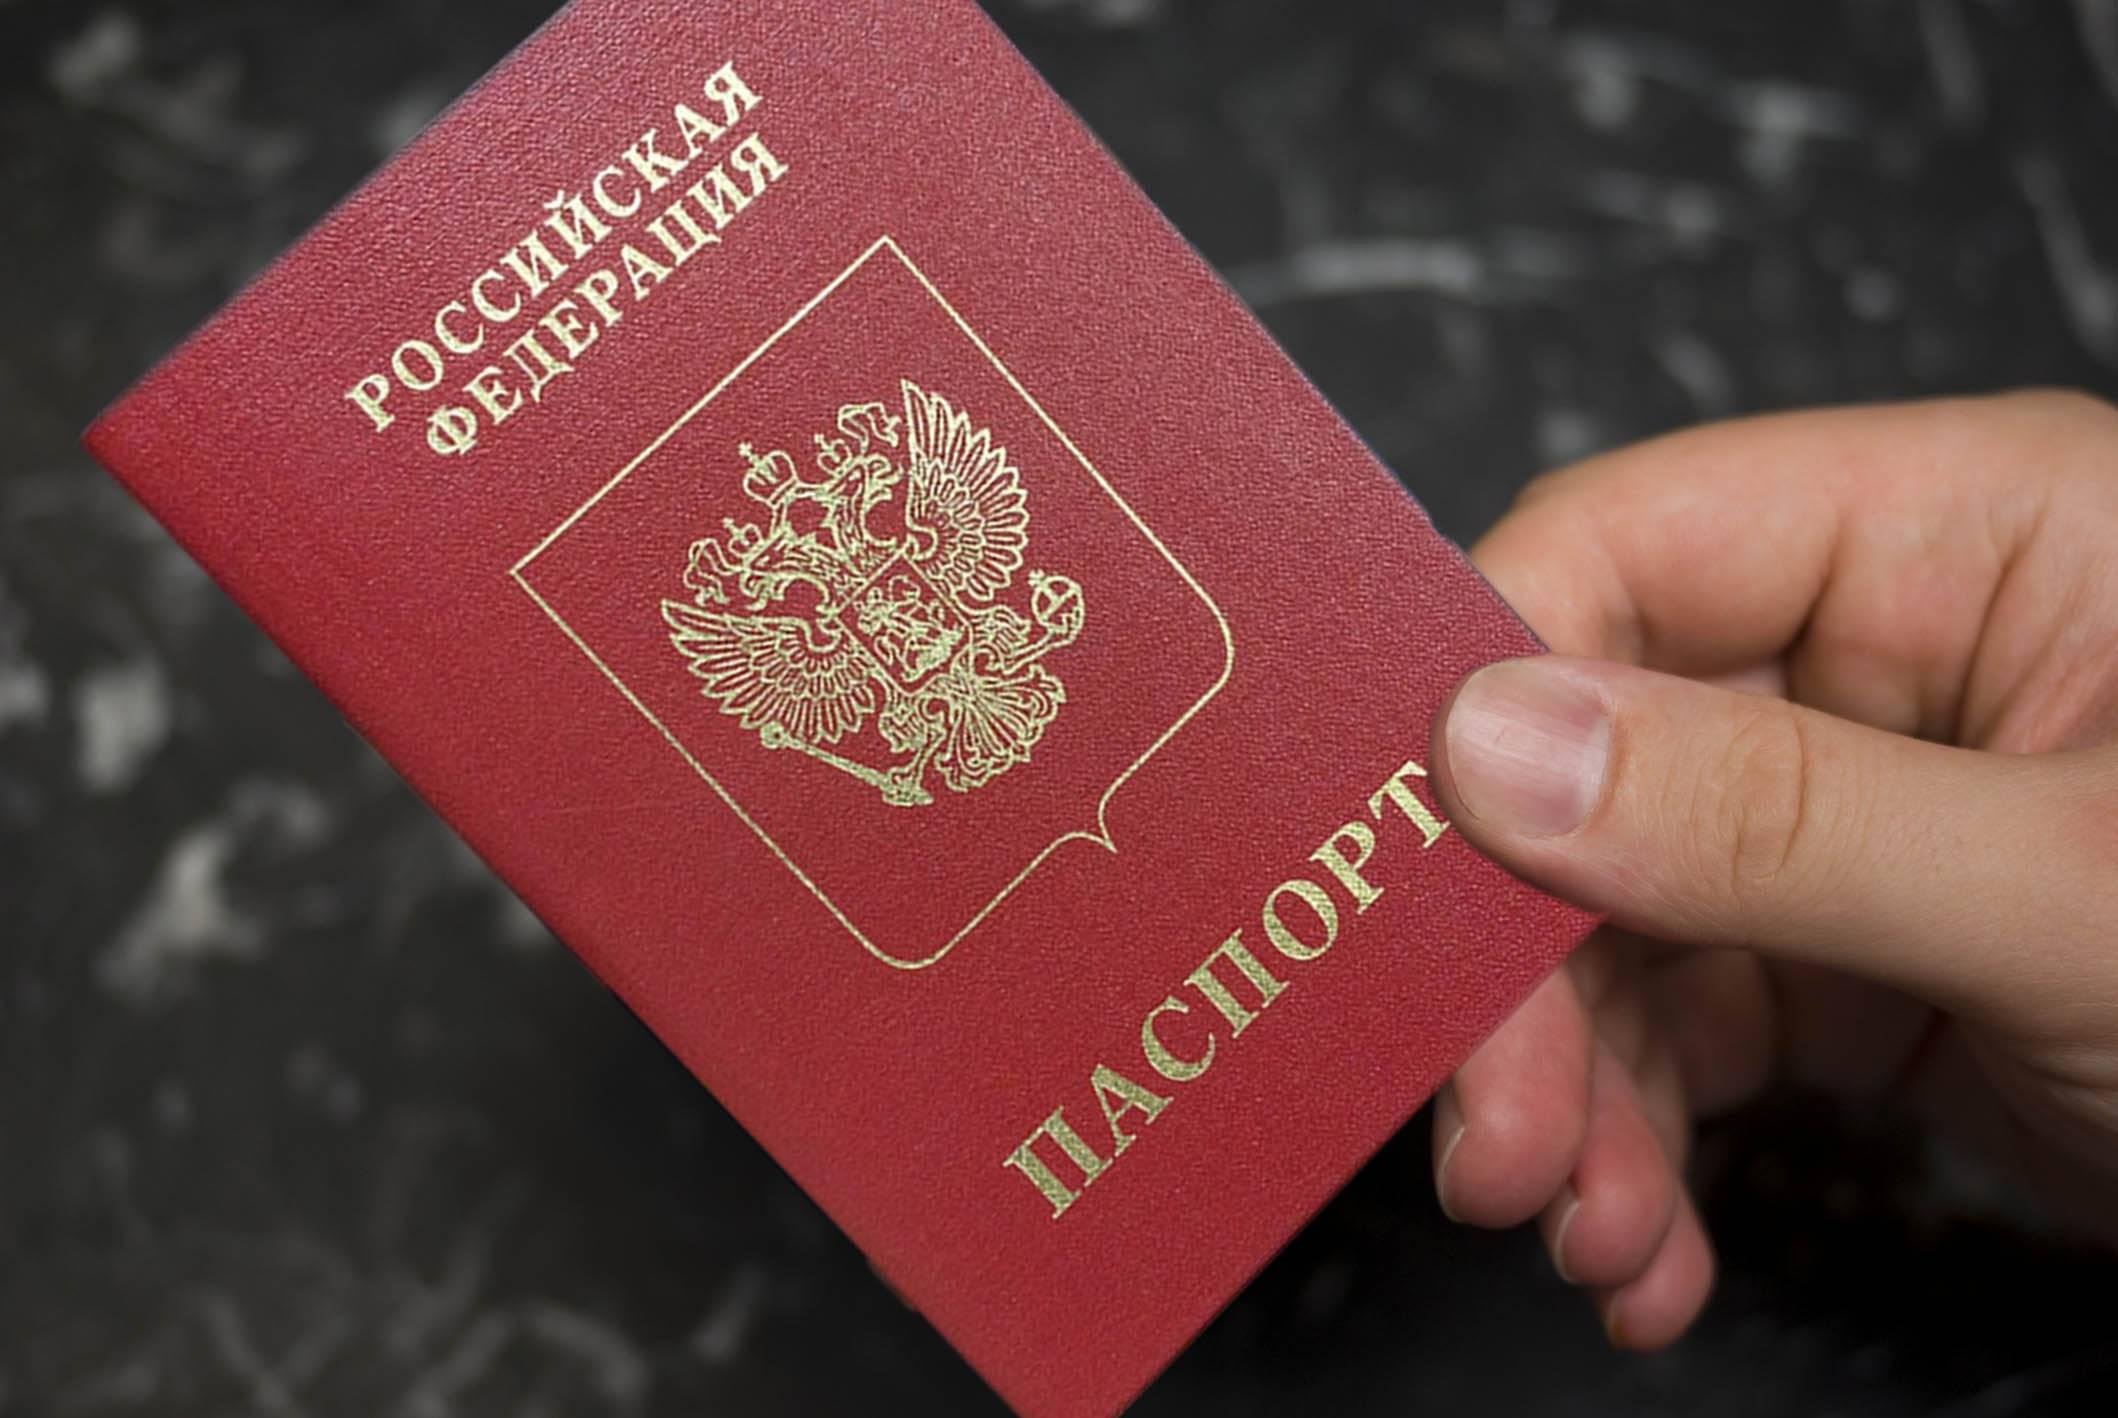 Проверка паспортных данных на действительность